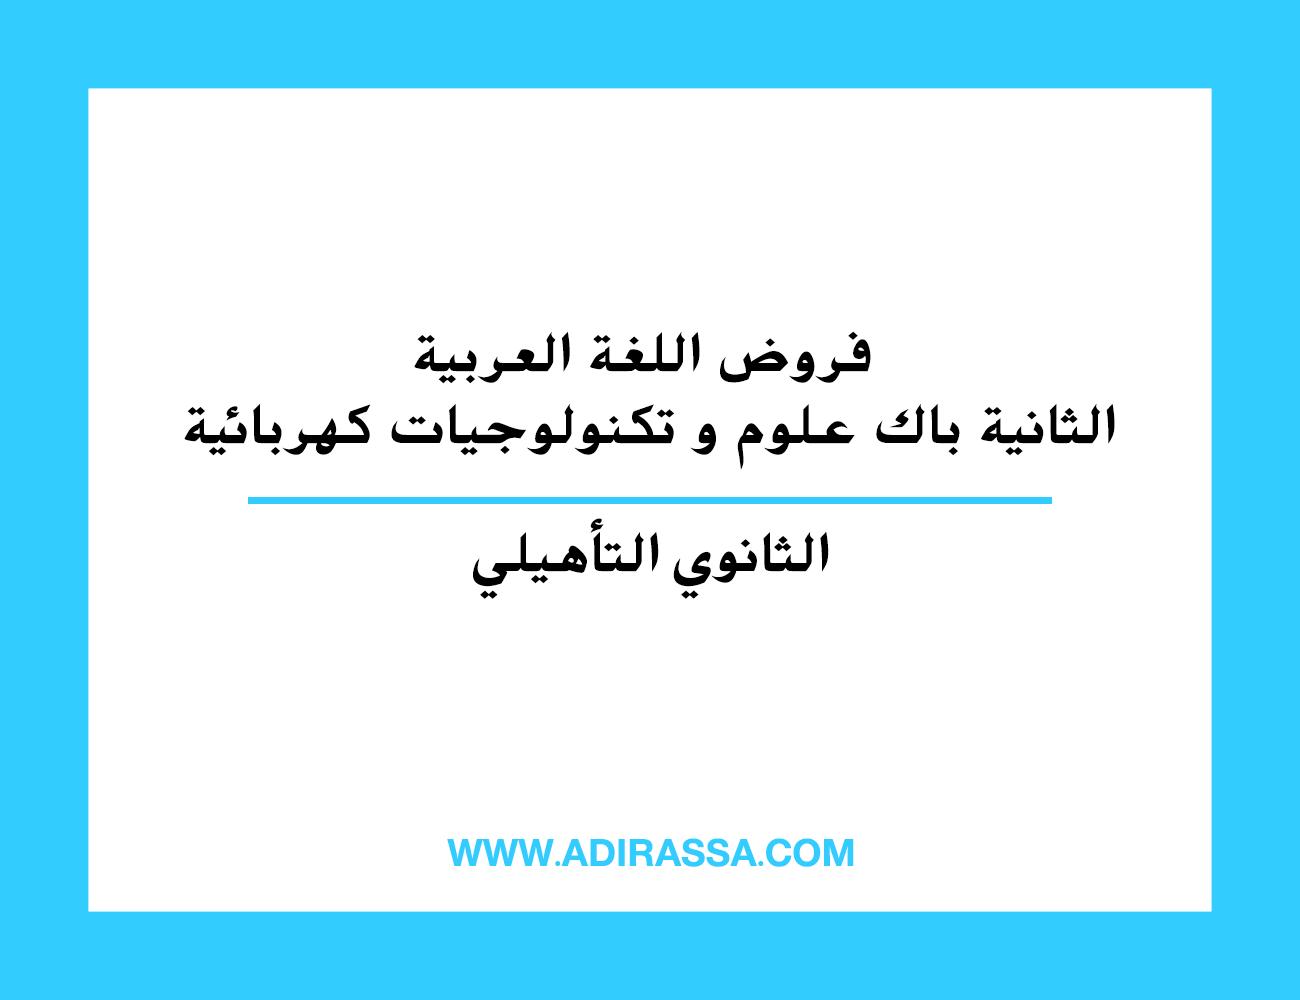 فروض اللغة العربية الثانية باك علوم و تكنولوجيات كهربائية بالثانوي التأهيلي